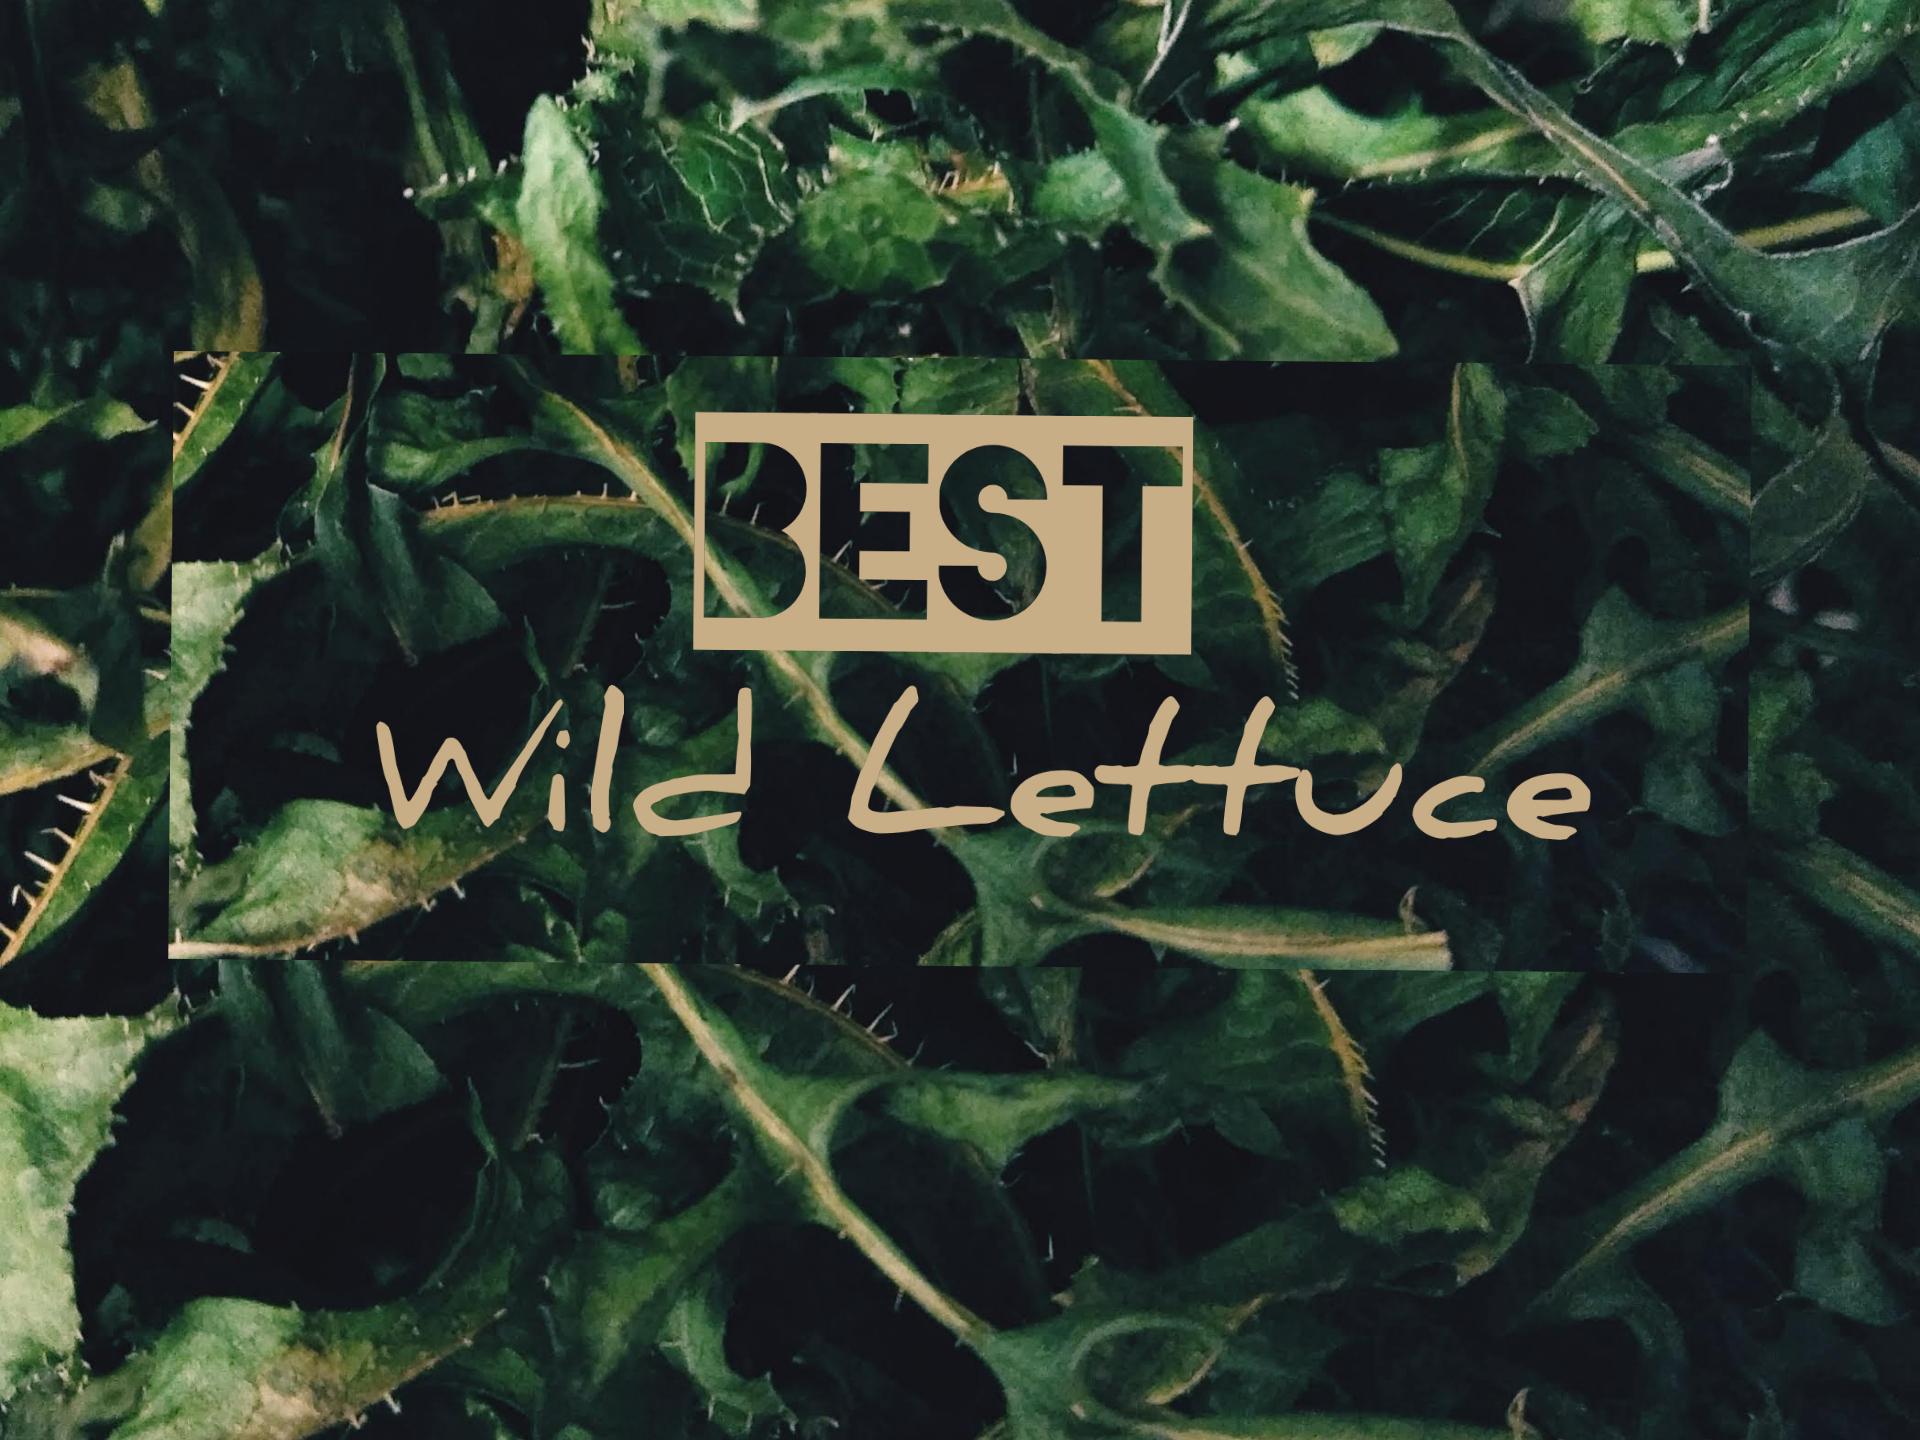 Best Wild Lettuce